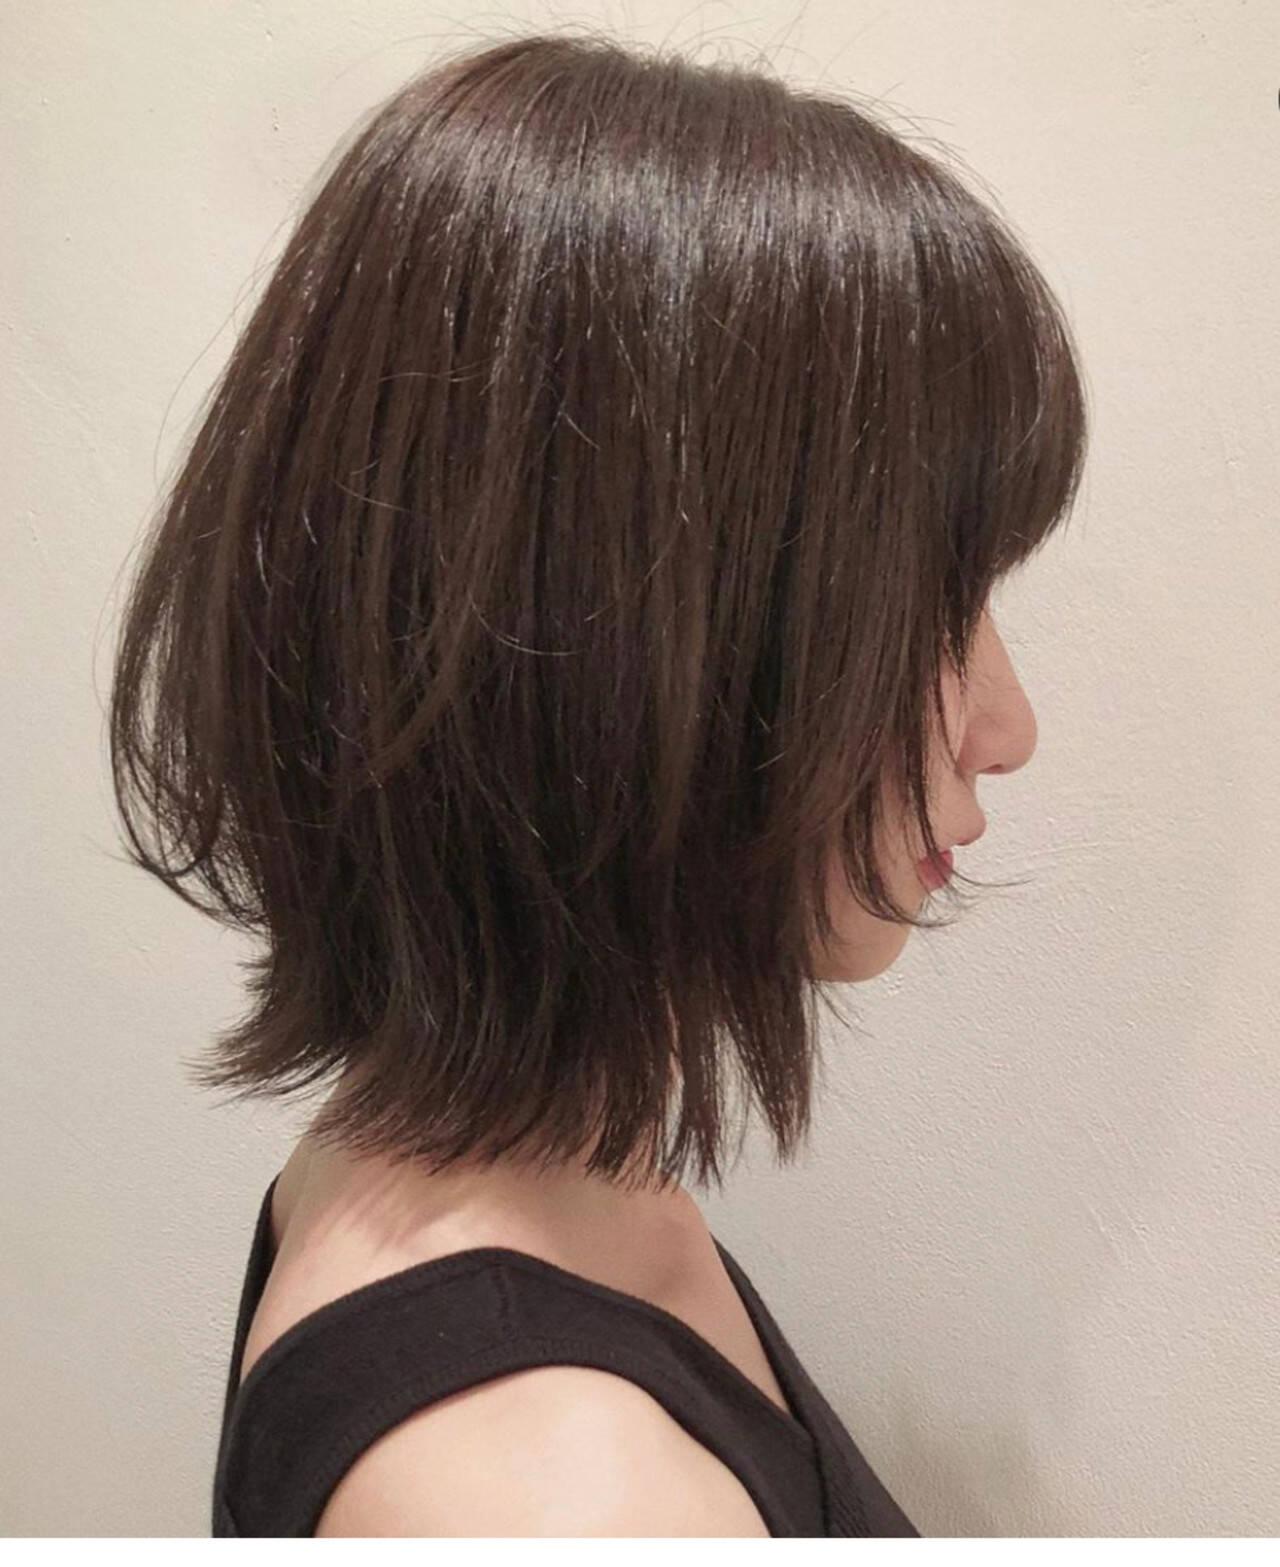 エレガント ダークアッシュ ウルフカット アッシュブラウンヘアスタイルや髪型の写真・画像